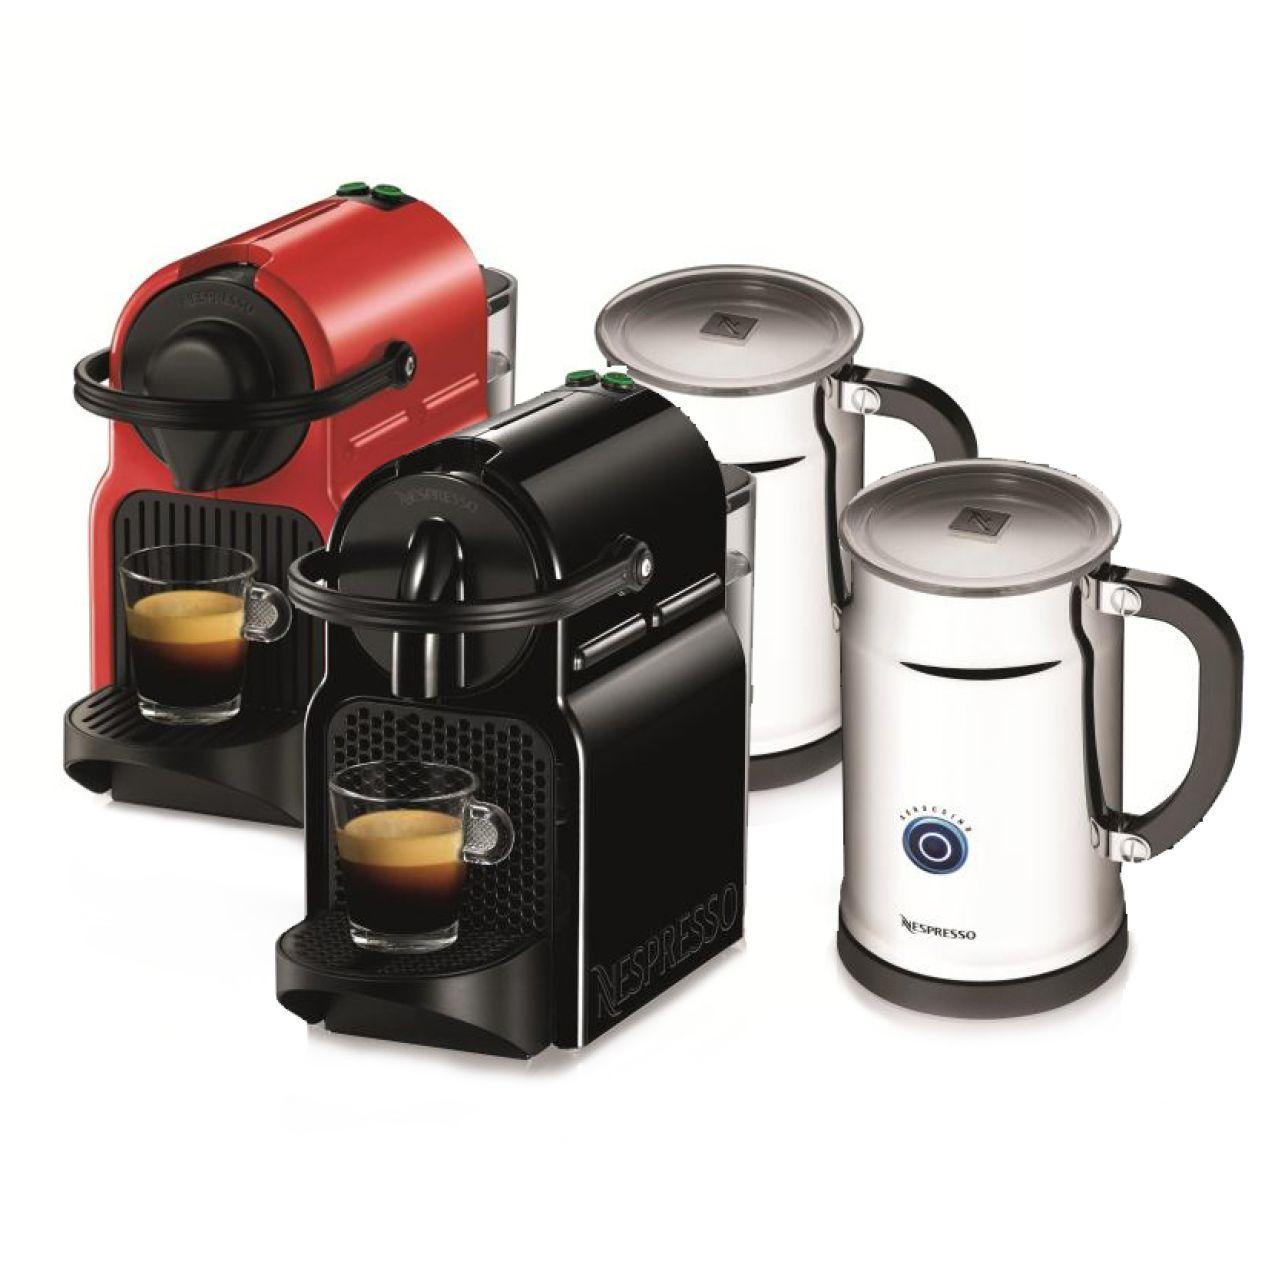 Nespresso Inissia Espresso Machine with Aeroccino Milk Frother | Sur La Table